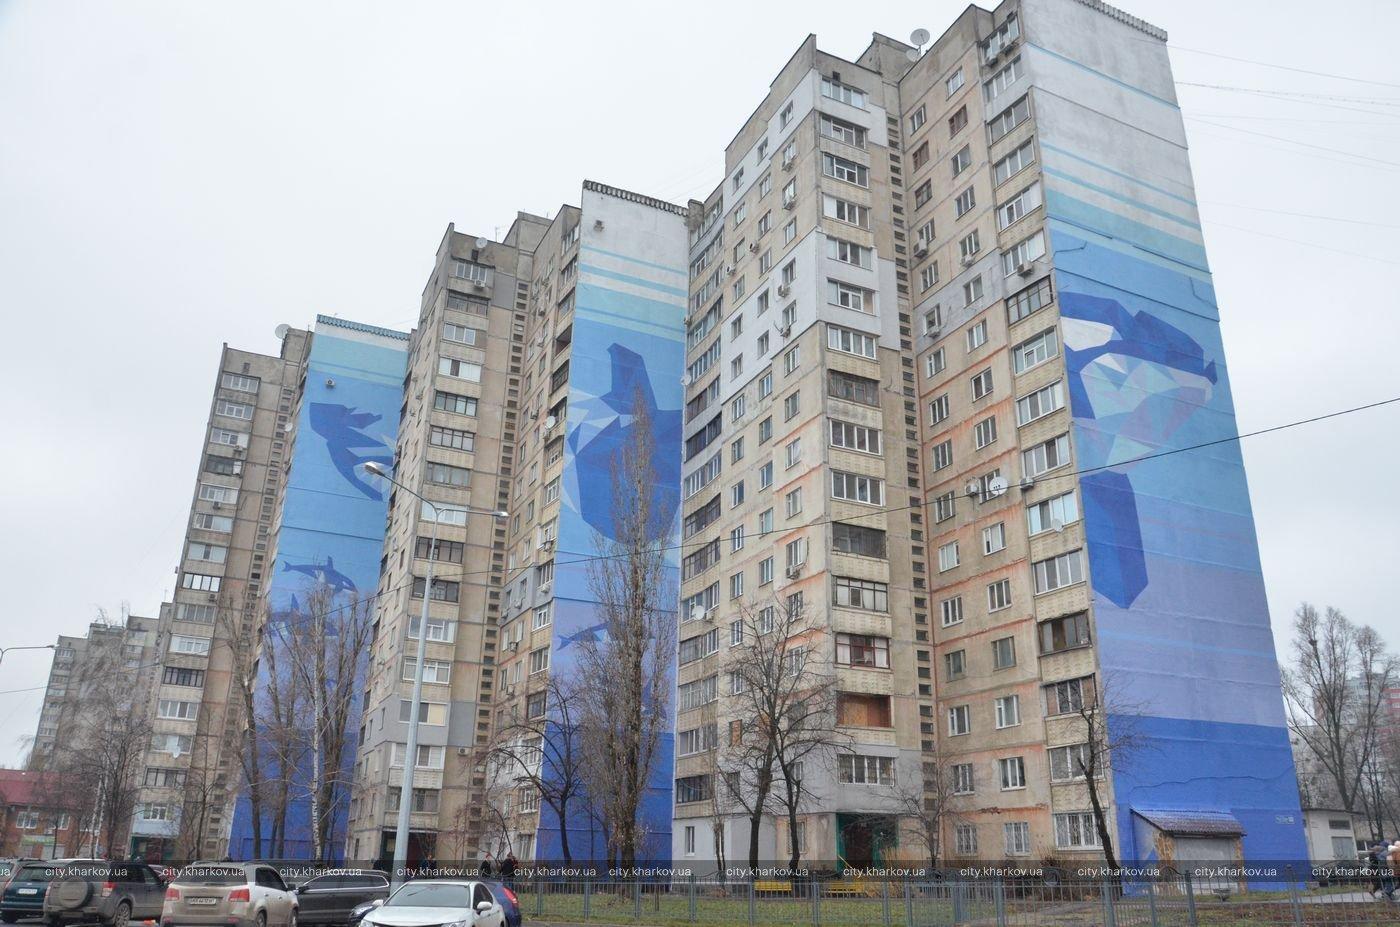 В Харькове создали самый большой мурал страны, фото-1